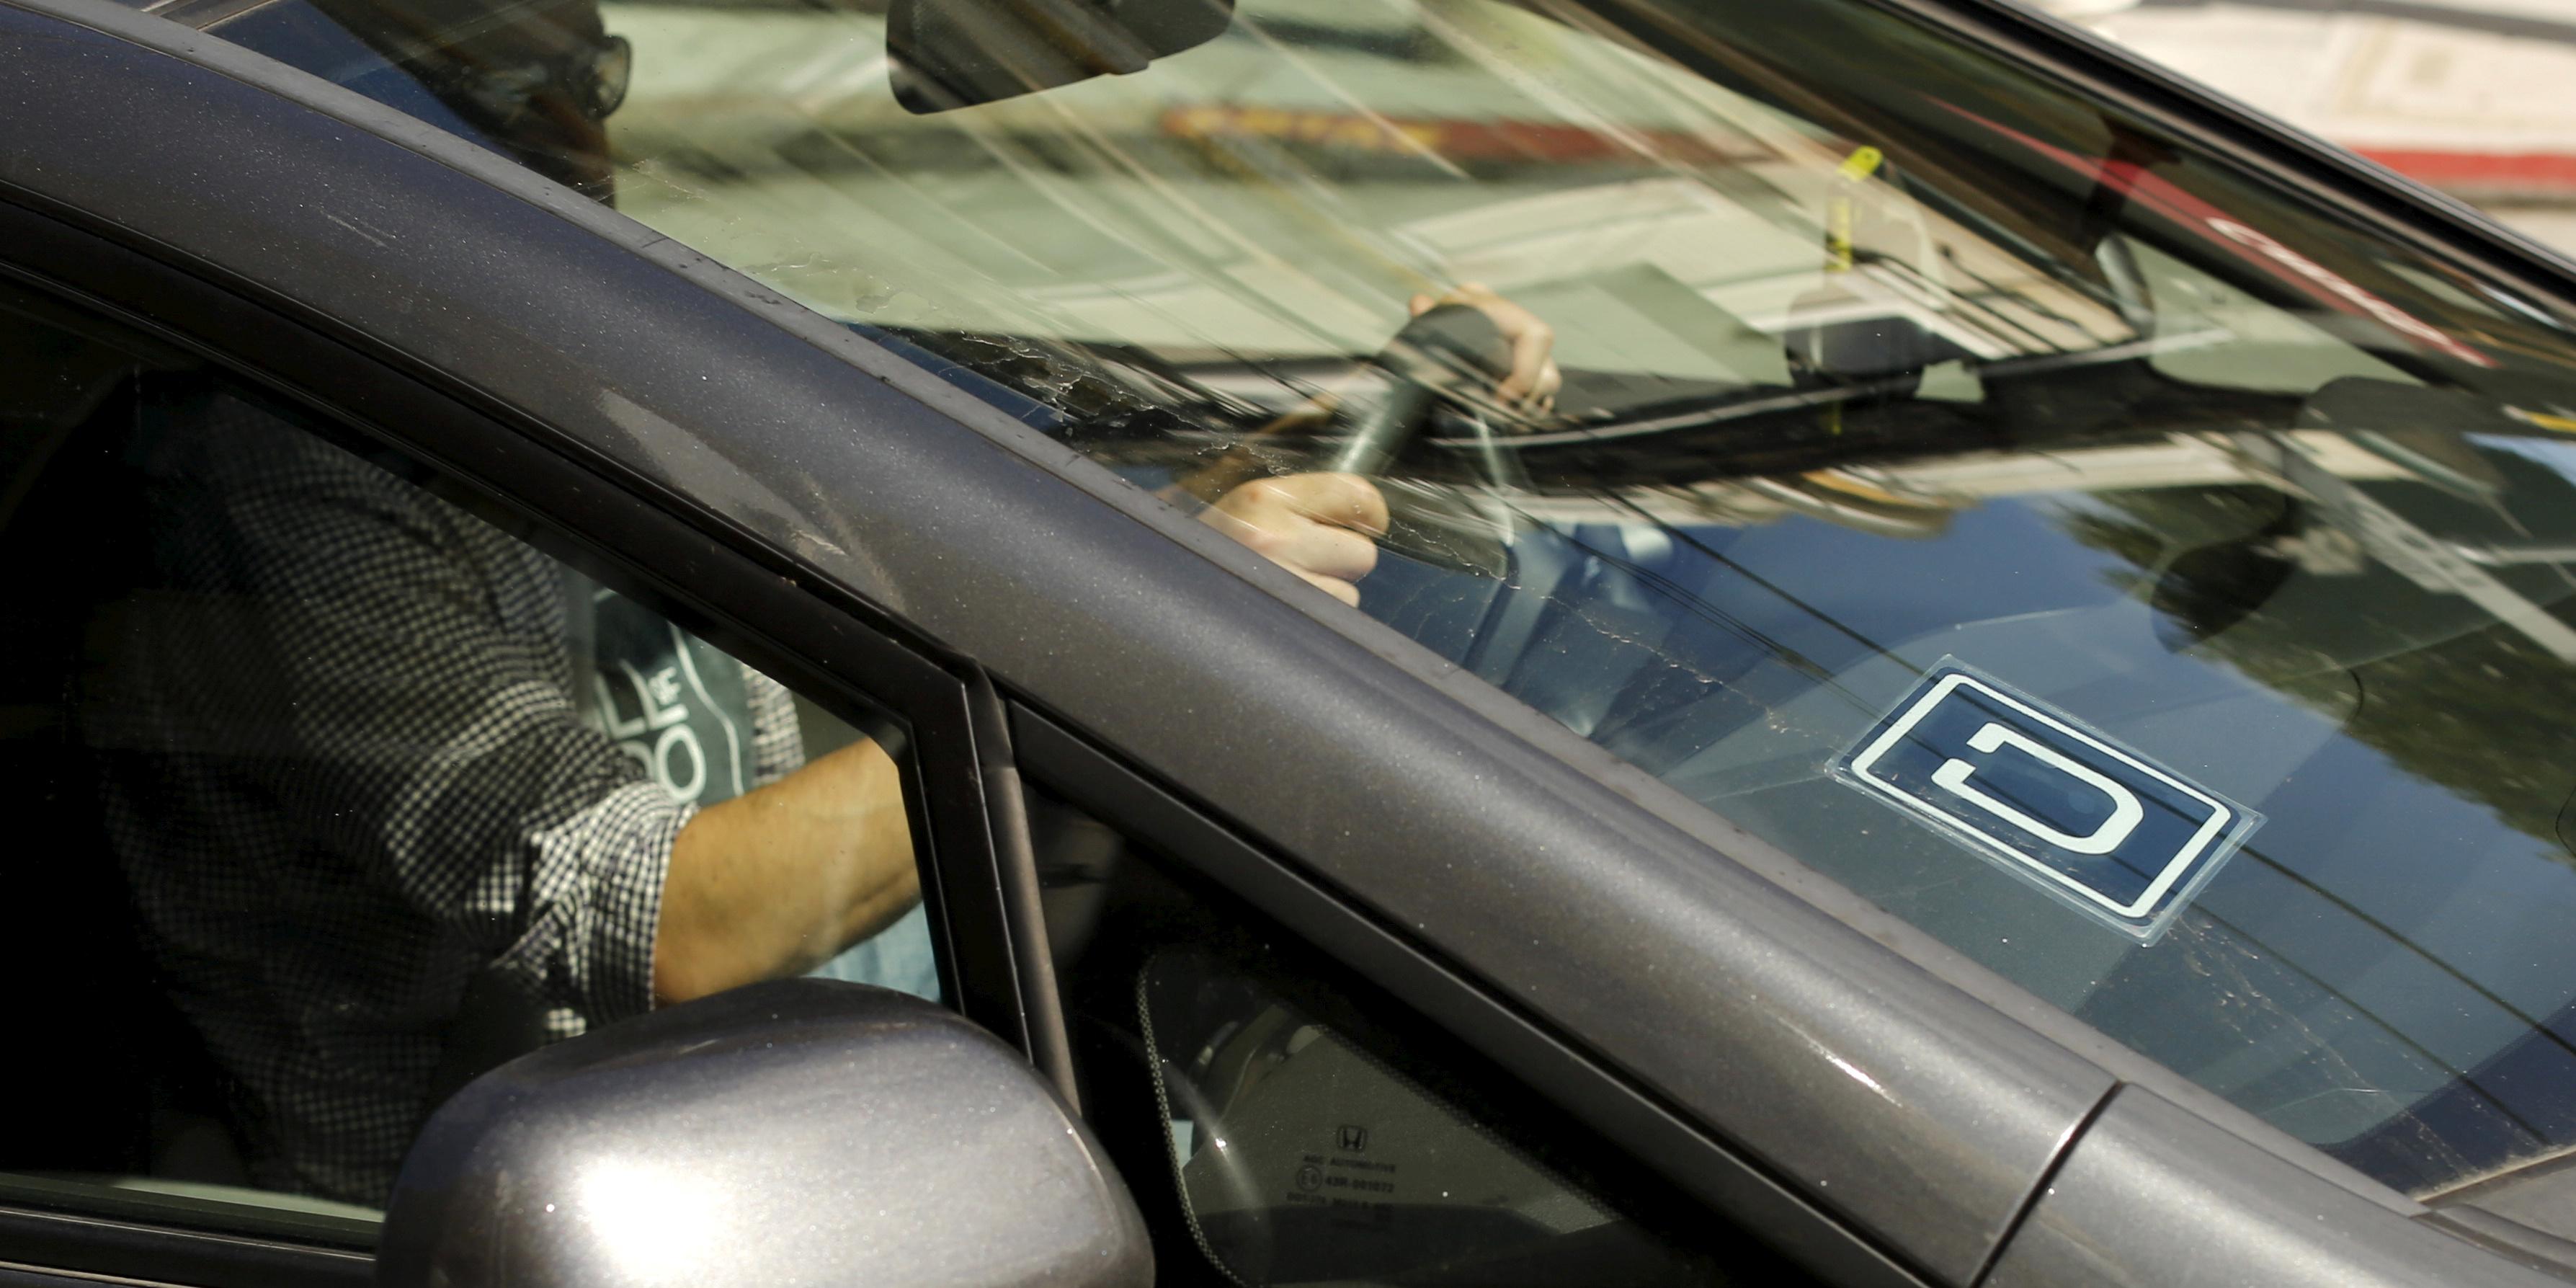 Etats Unis Les Chauffeurs D Uber Loin De Faire Fortune Avec Leur